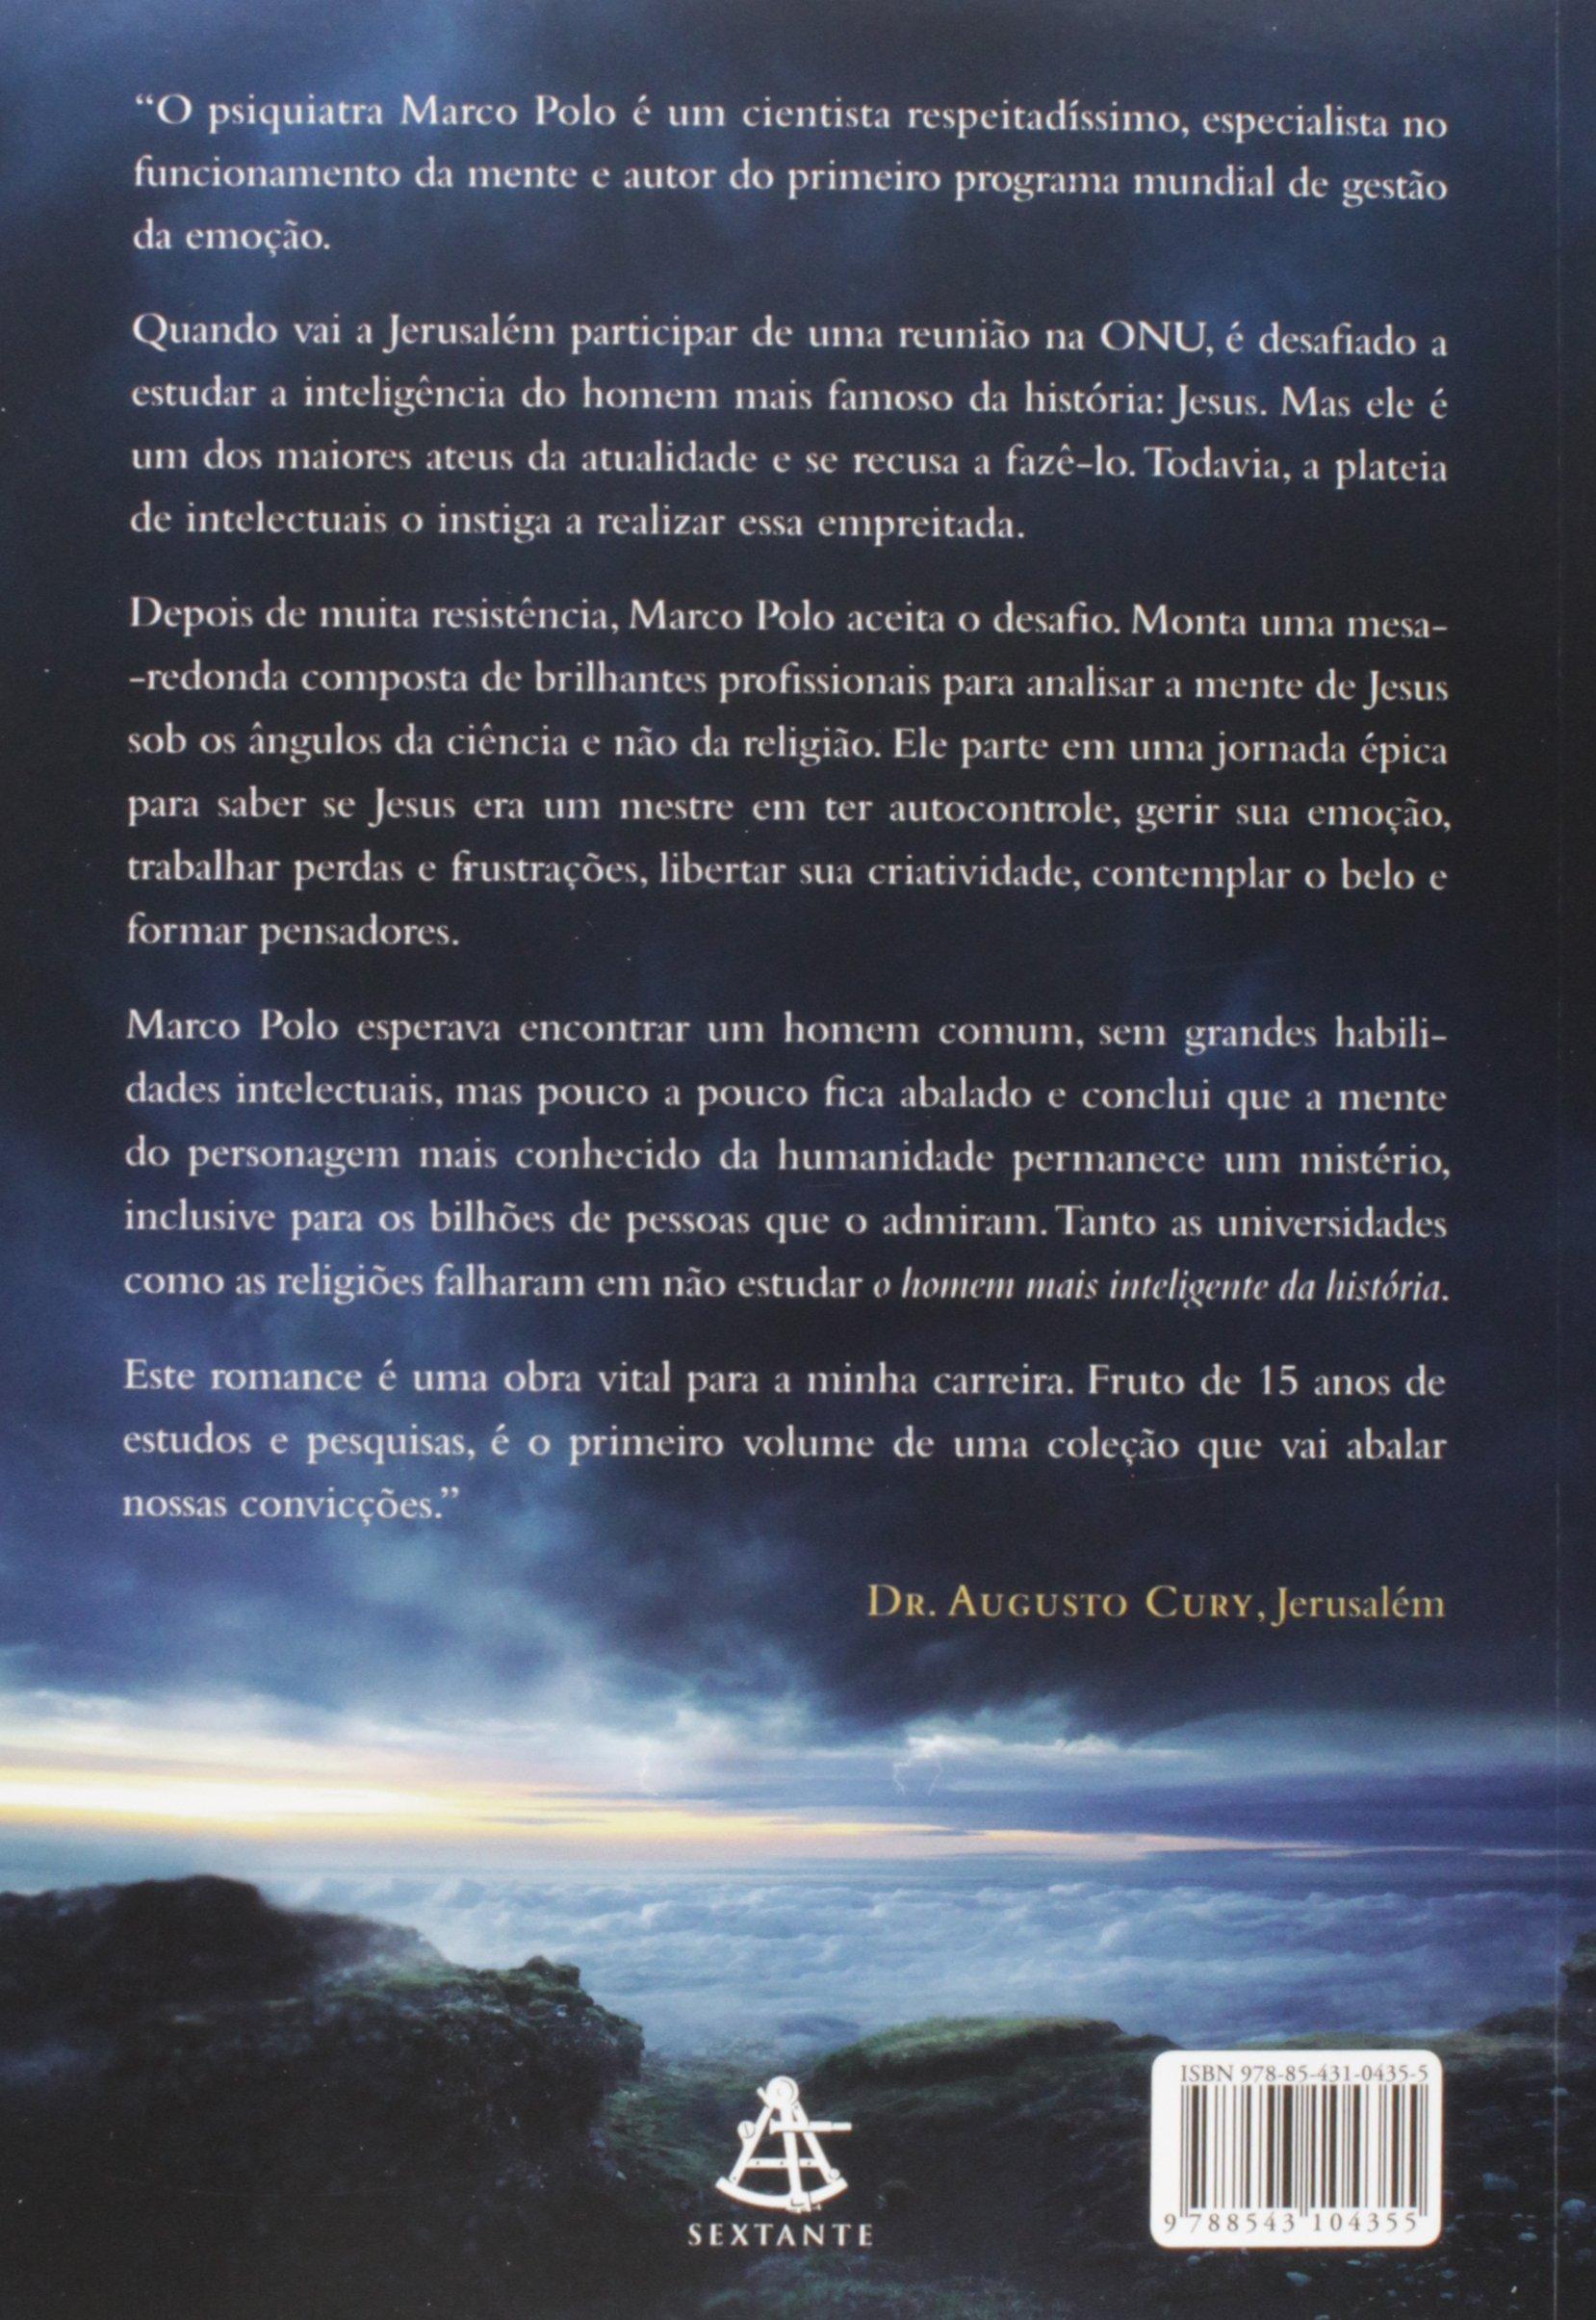 Livro 'O homem mais inteligente da história' por Augusto Cury